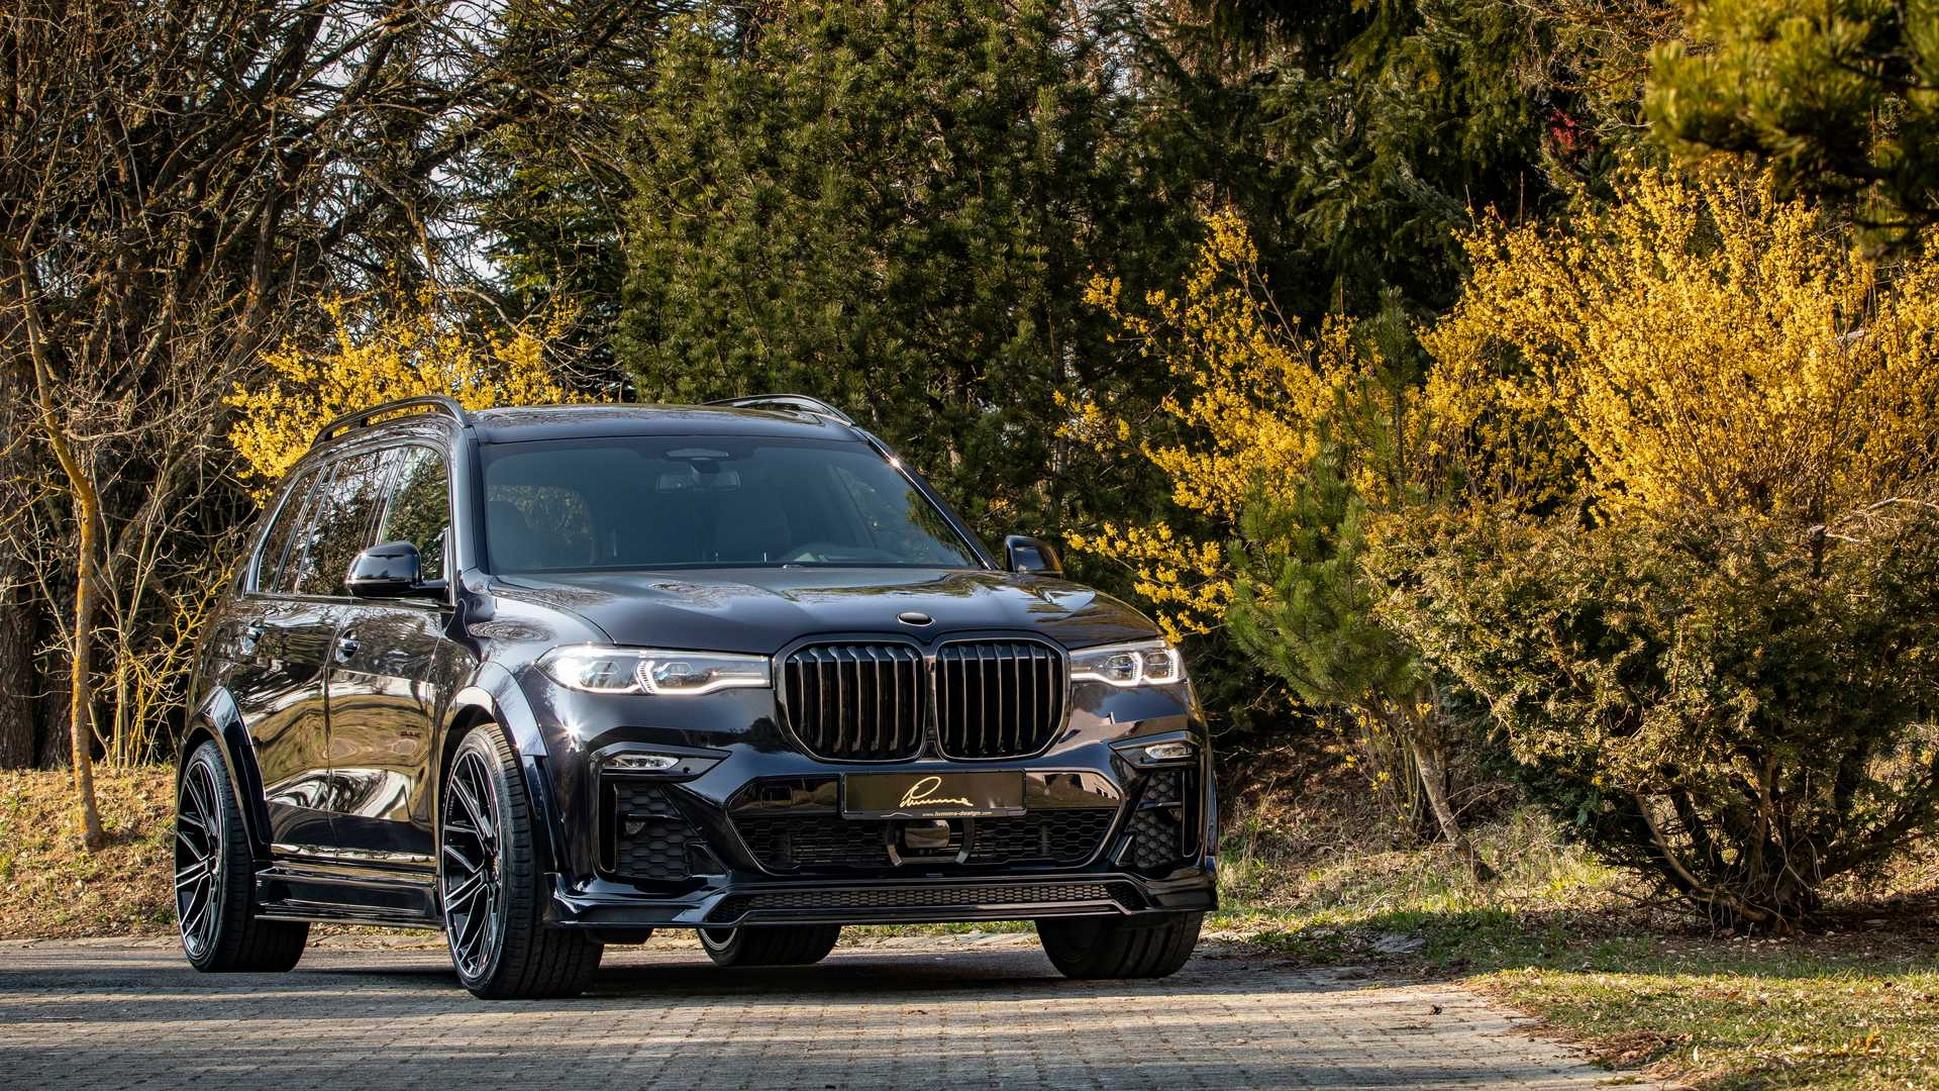 lumma-clr-x-BMW-X7-7